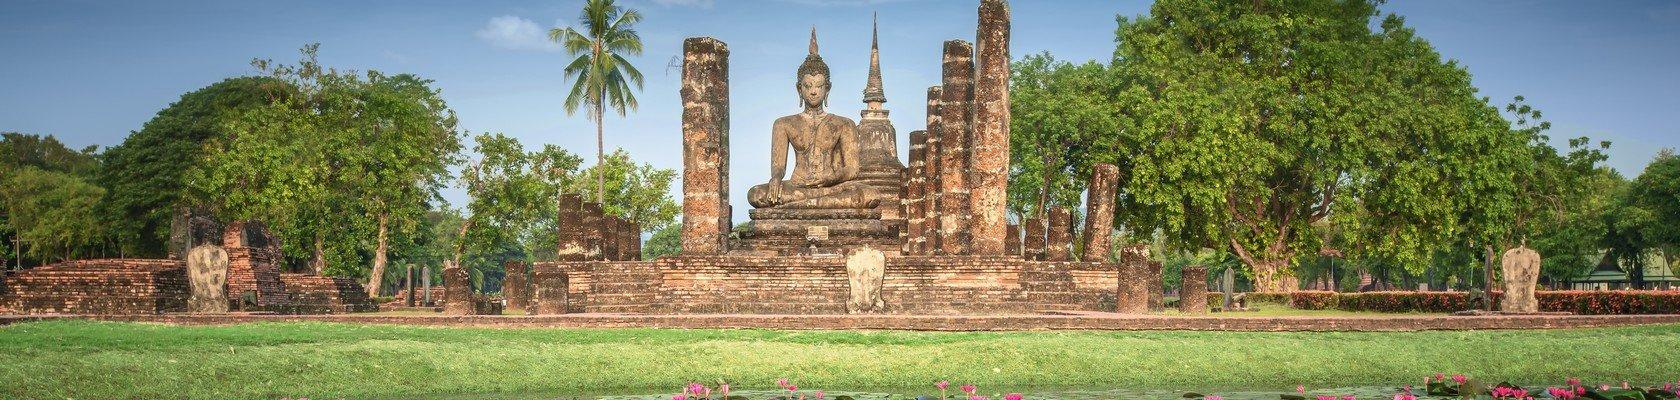 Historisch Ayutthaya